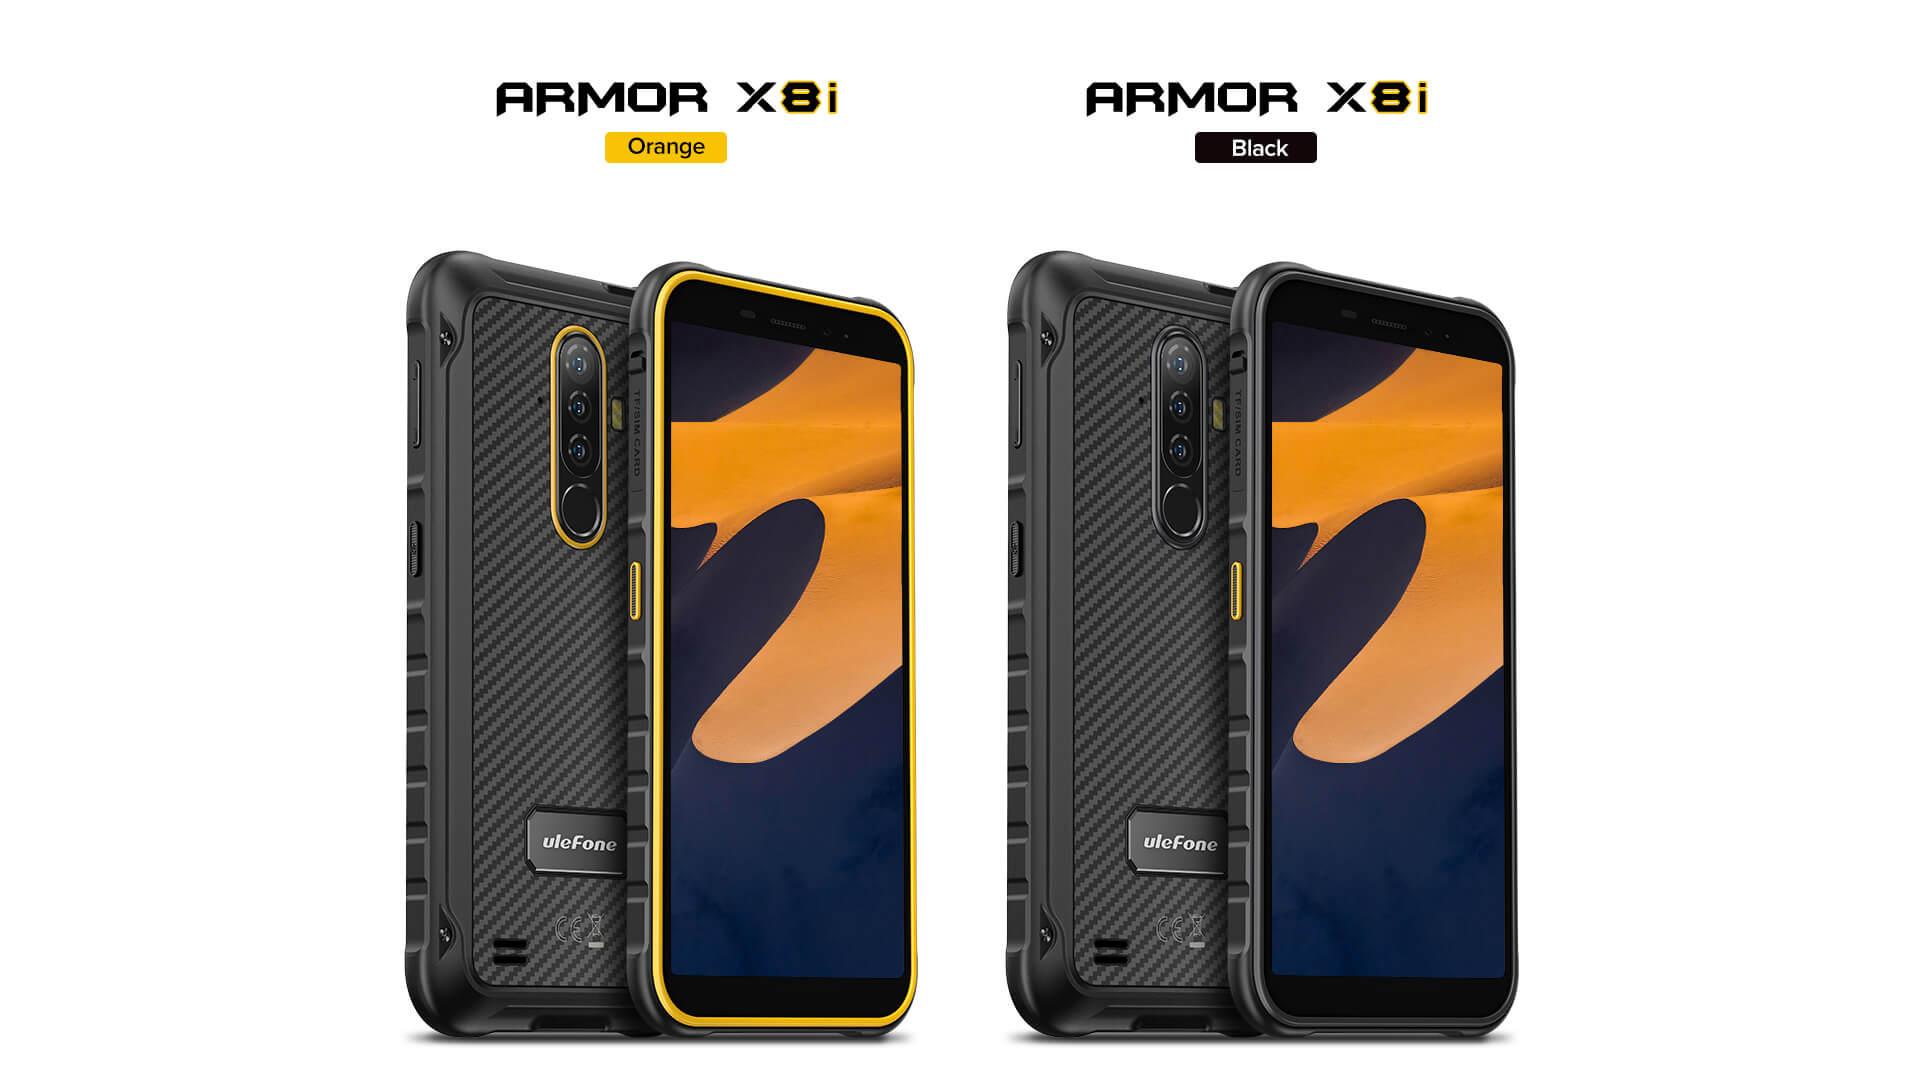 Armor 8Xi 1 1920x1080x